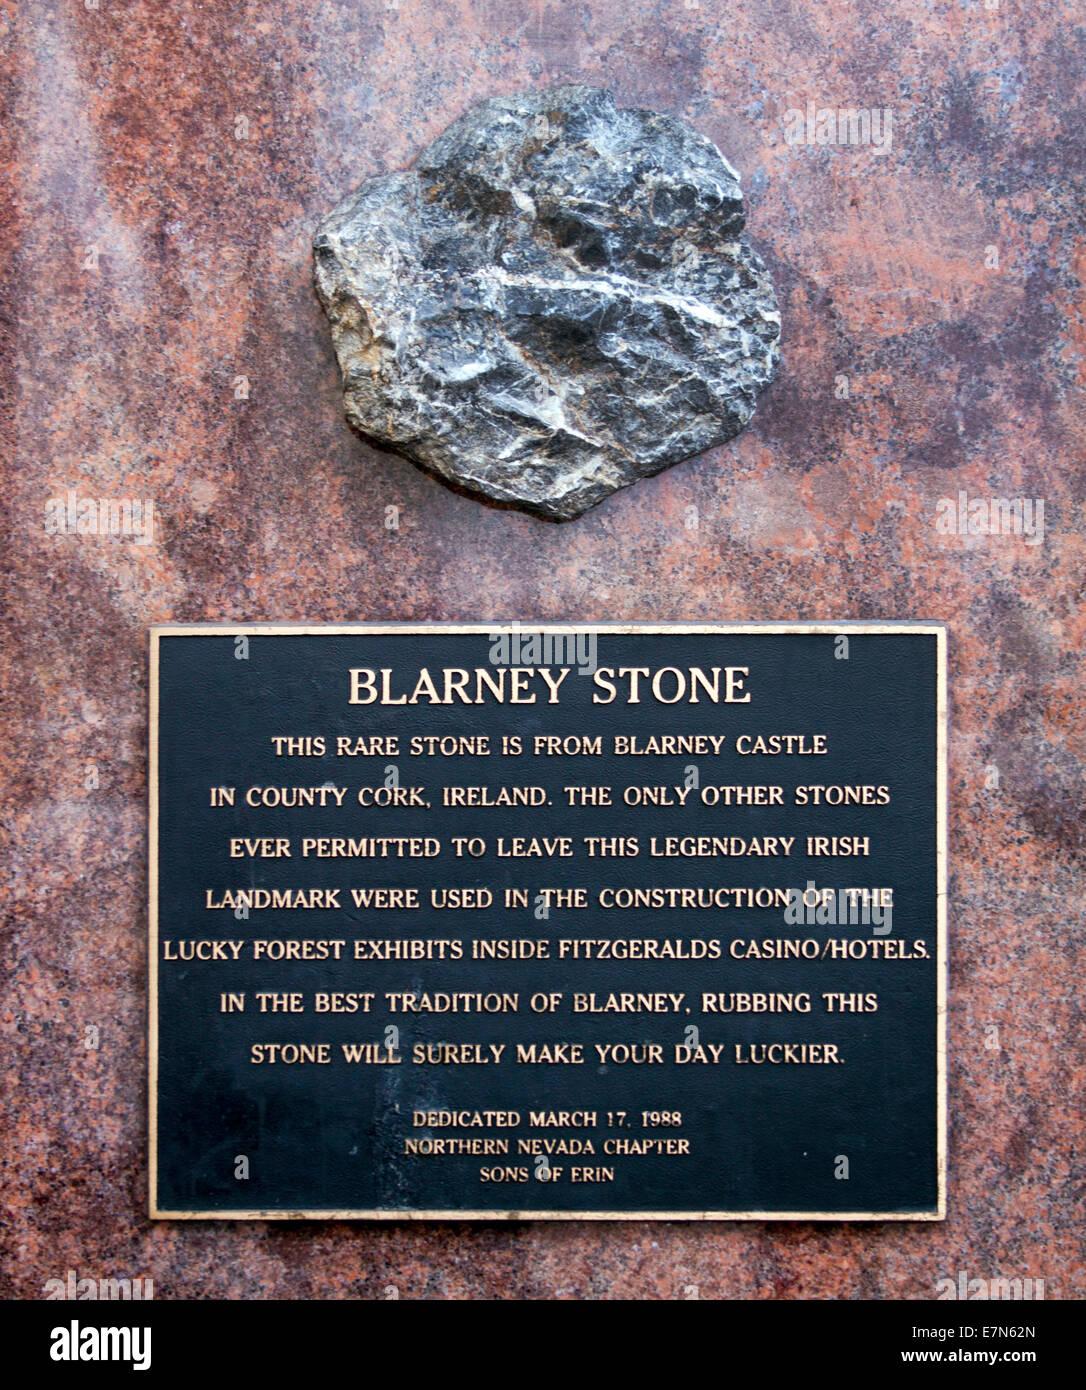 Blarney Stone in Reno Nevada - Stock Image